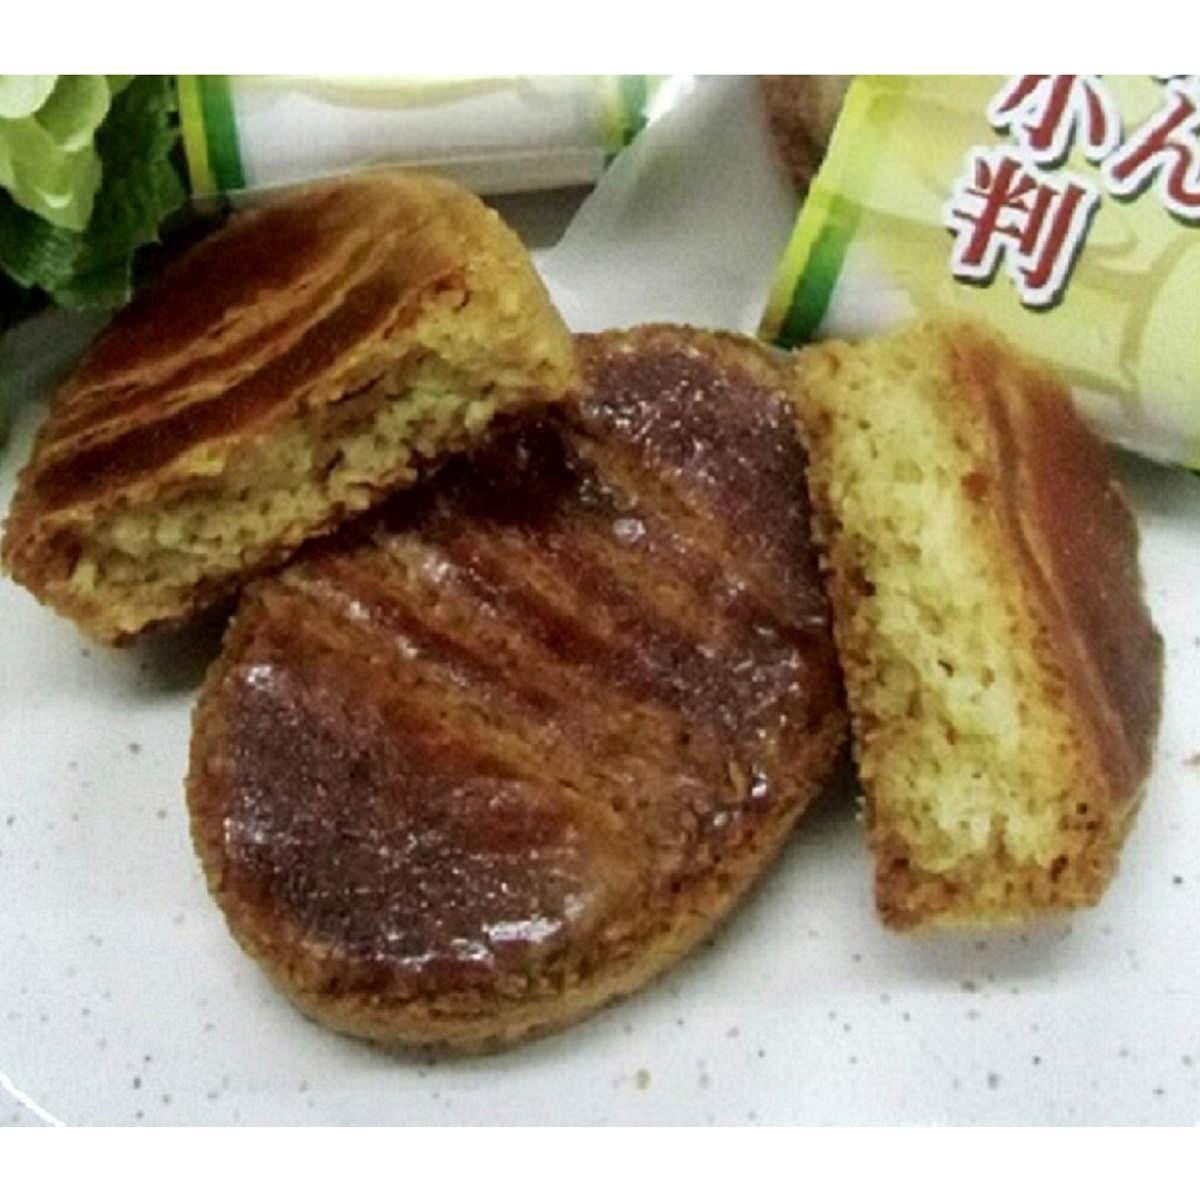 唐津ん小判 8個入り 〔30g×8〕 佐賀県土産 洋菓子 逢地菓子工房 おが和